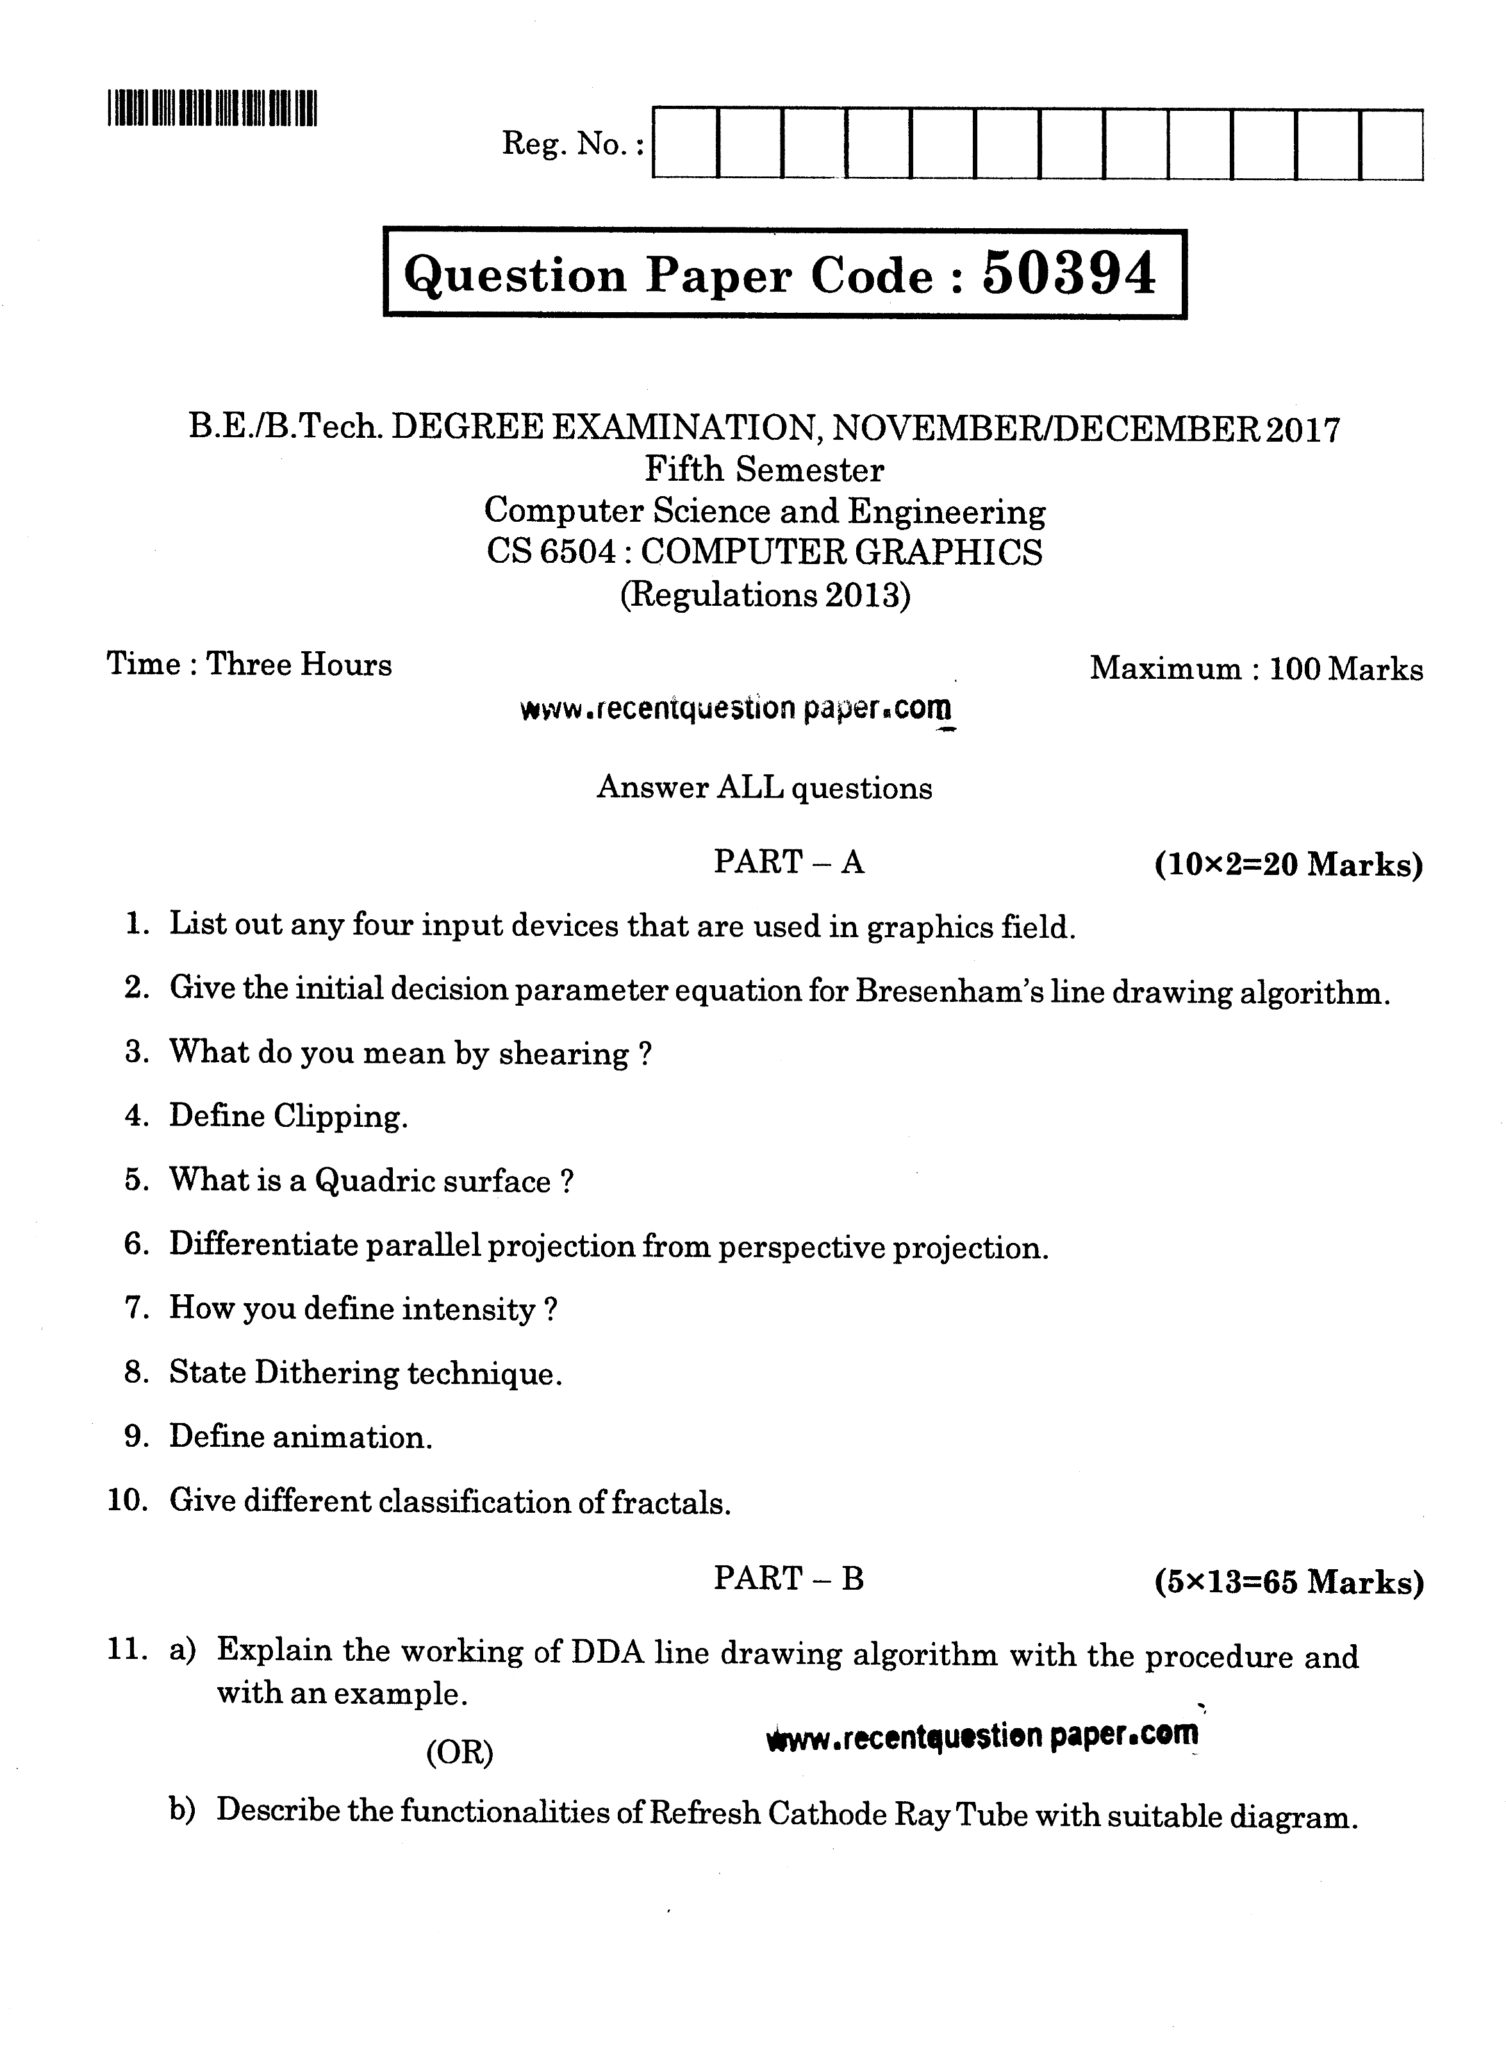 Computer Question Paper 2017 - Quantum Computing